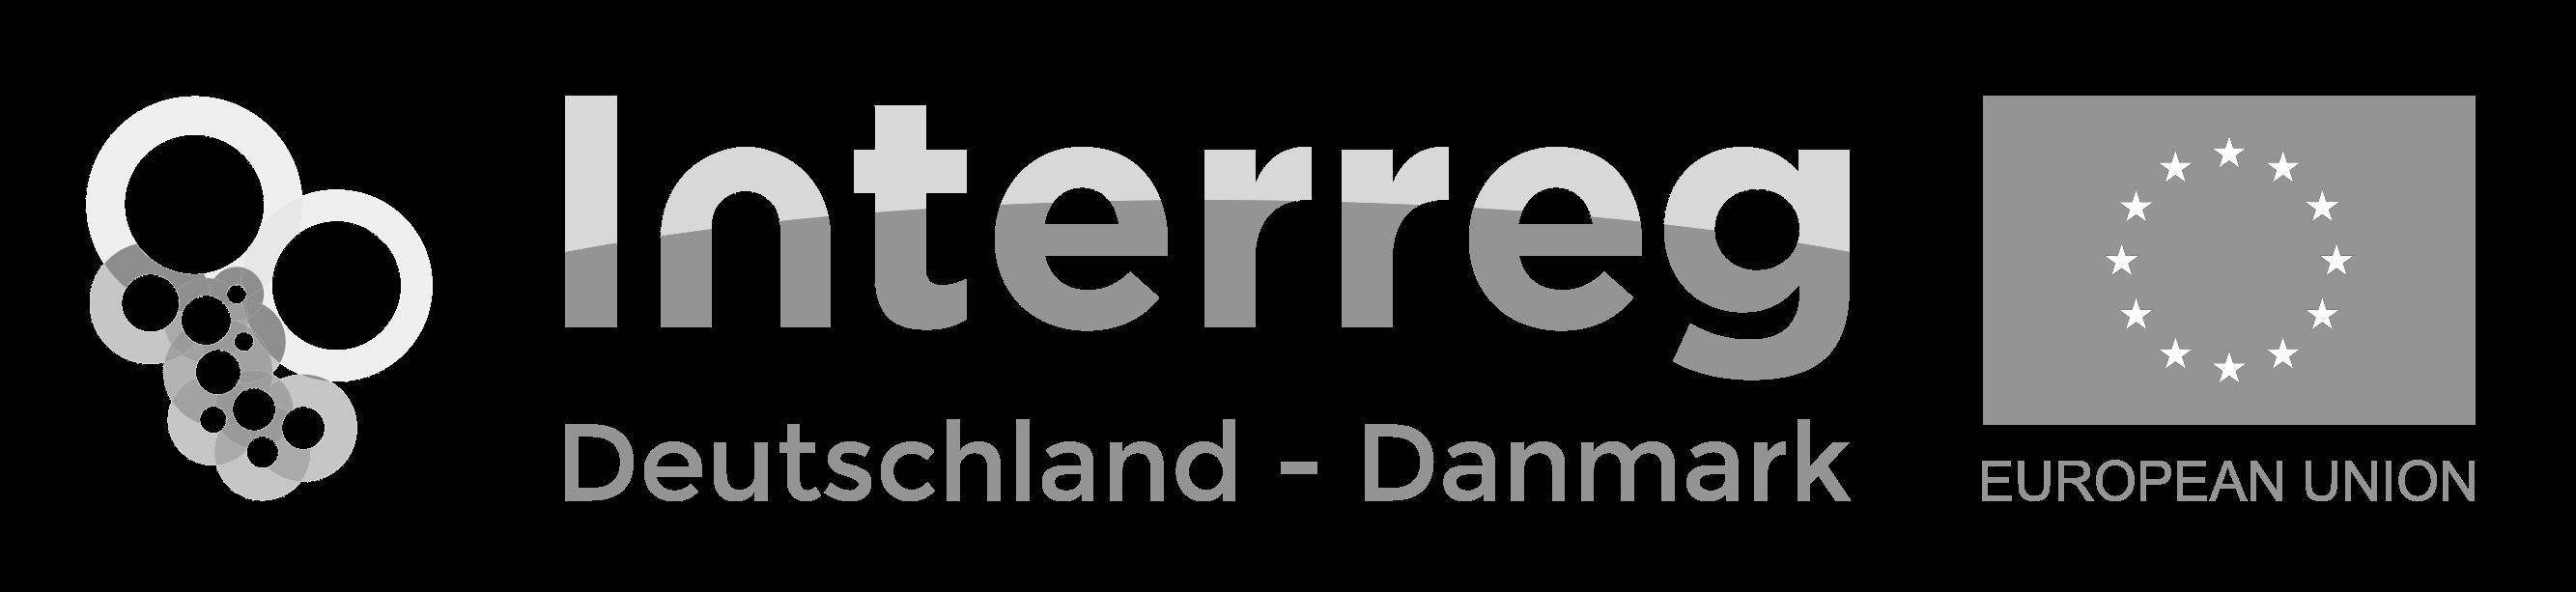 logo_interreg_neu_juni16_web_bw